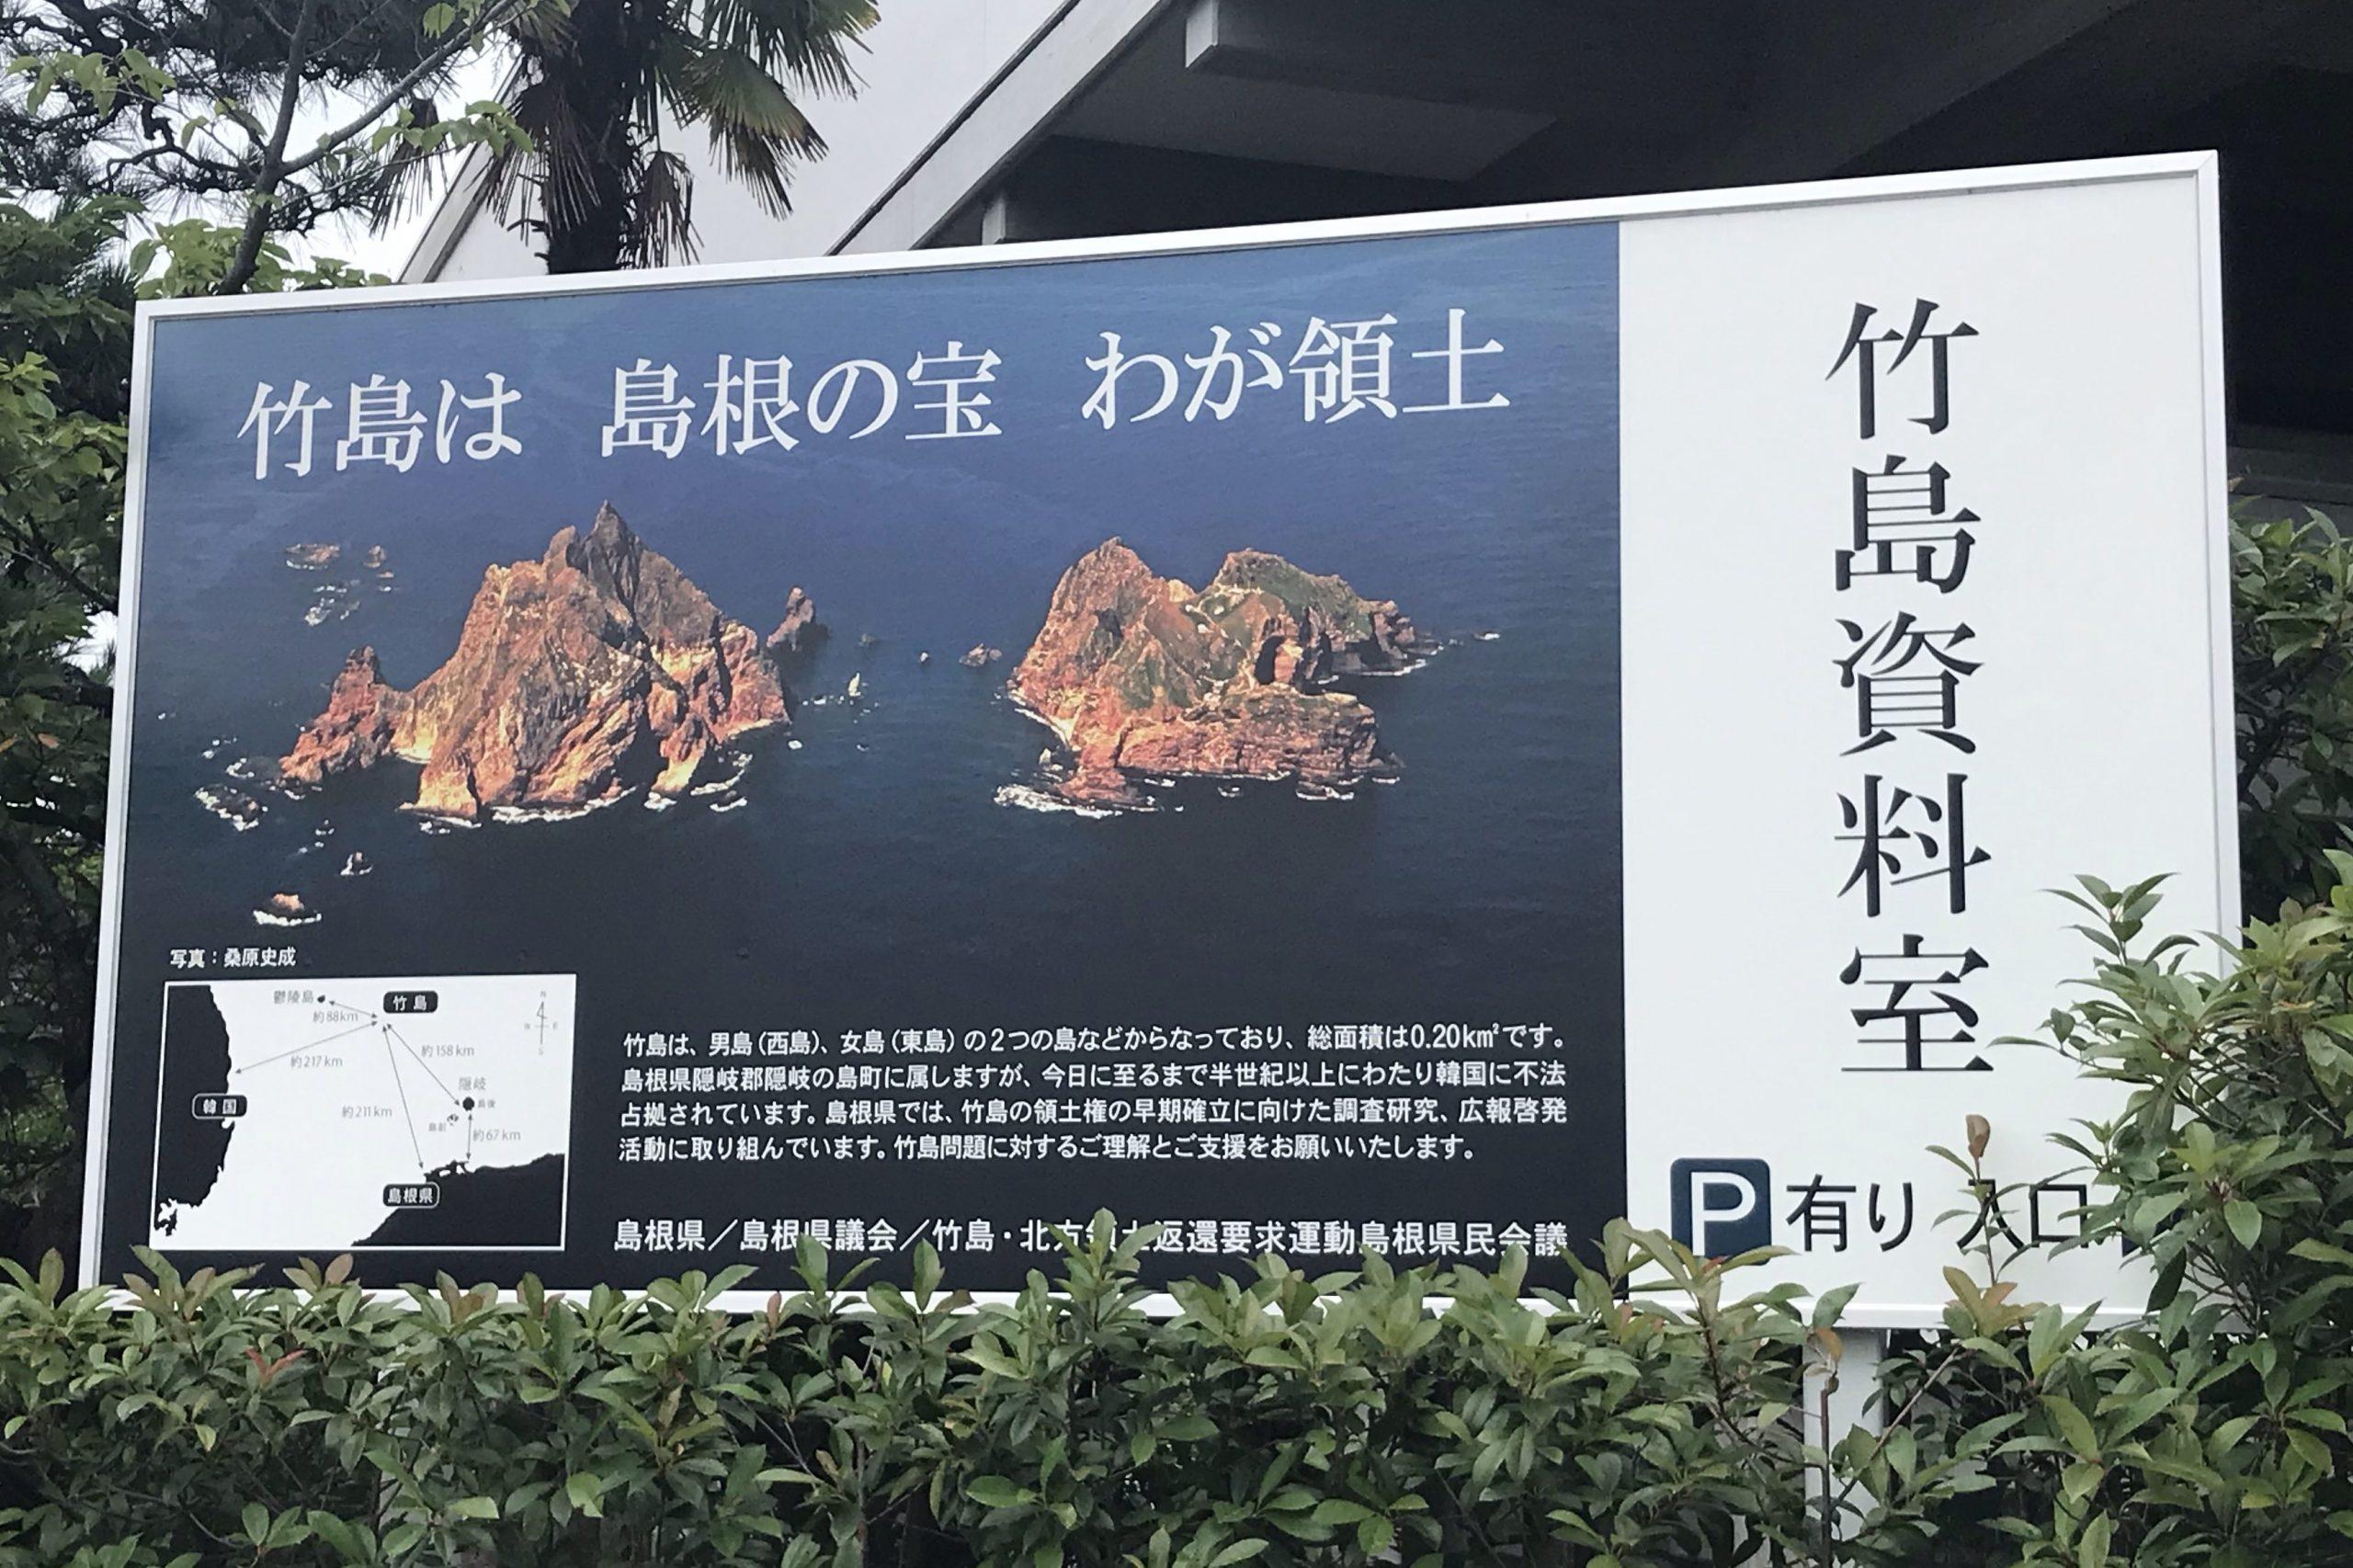 【松江市】我が領土 竹島について知る『竹島資料室』